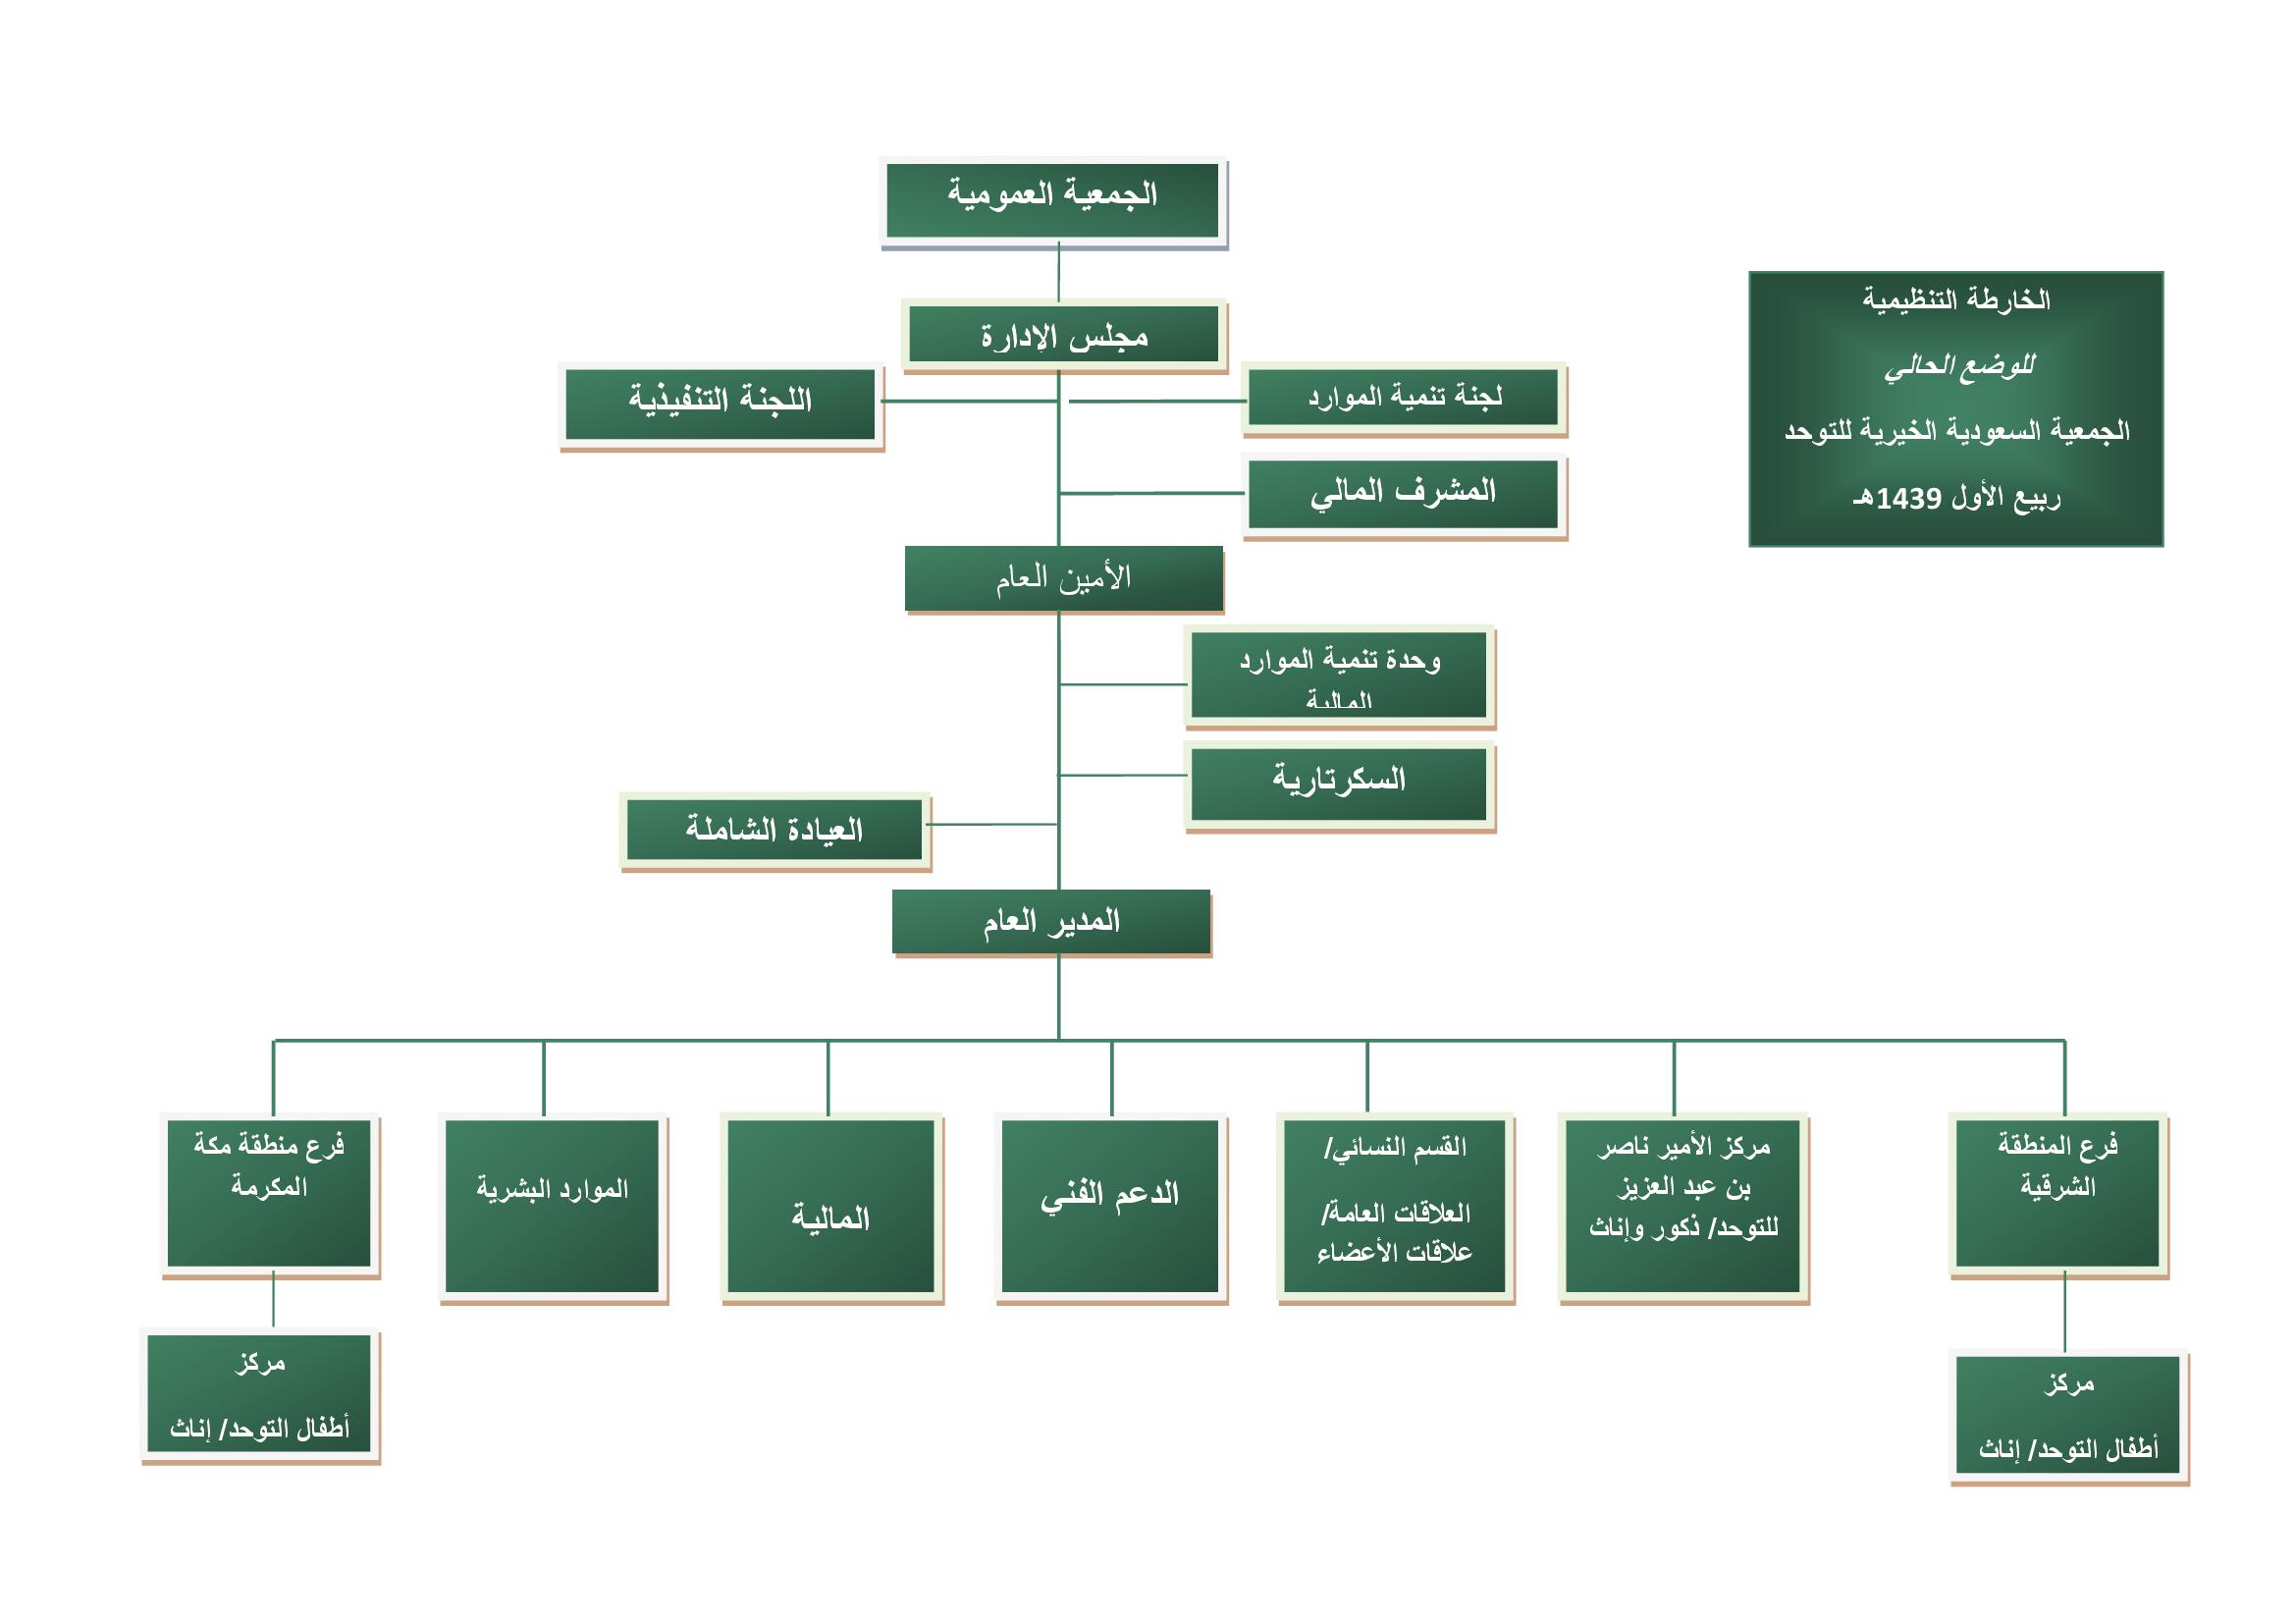 الخارطة التنظيمية.